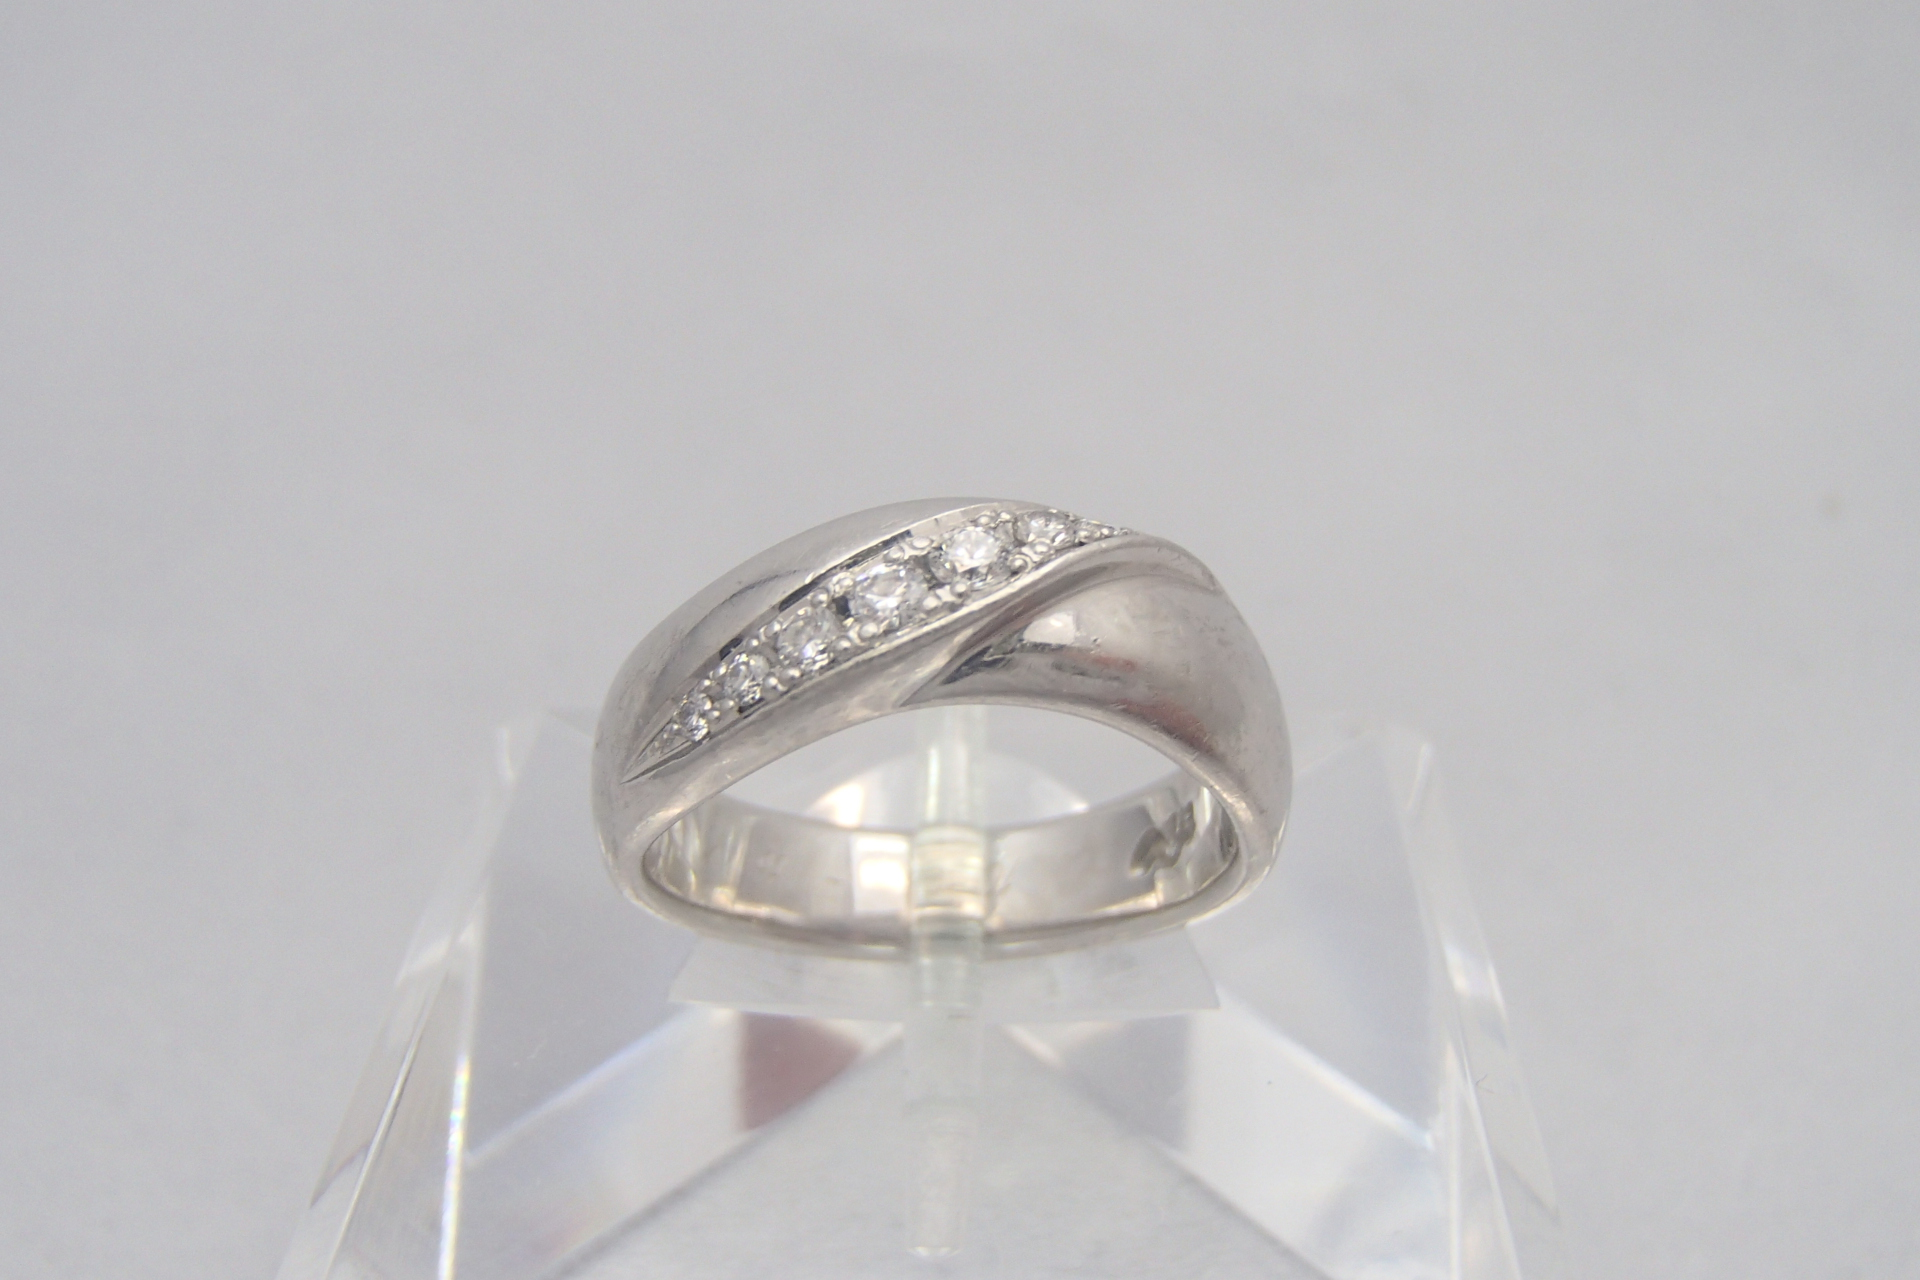 憧れの1カラットのダイヤモンド!お値段はどれくらい?